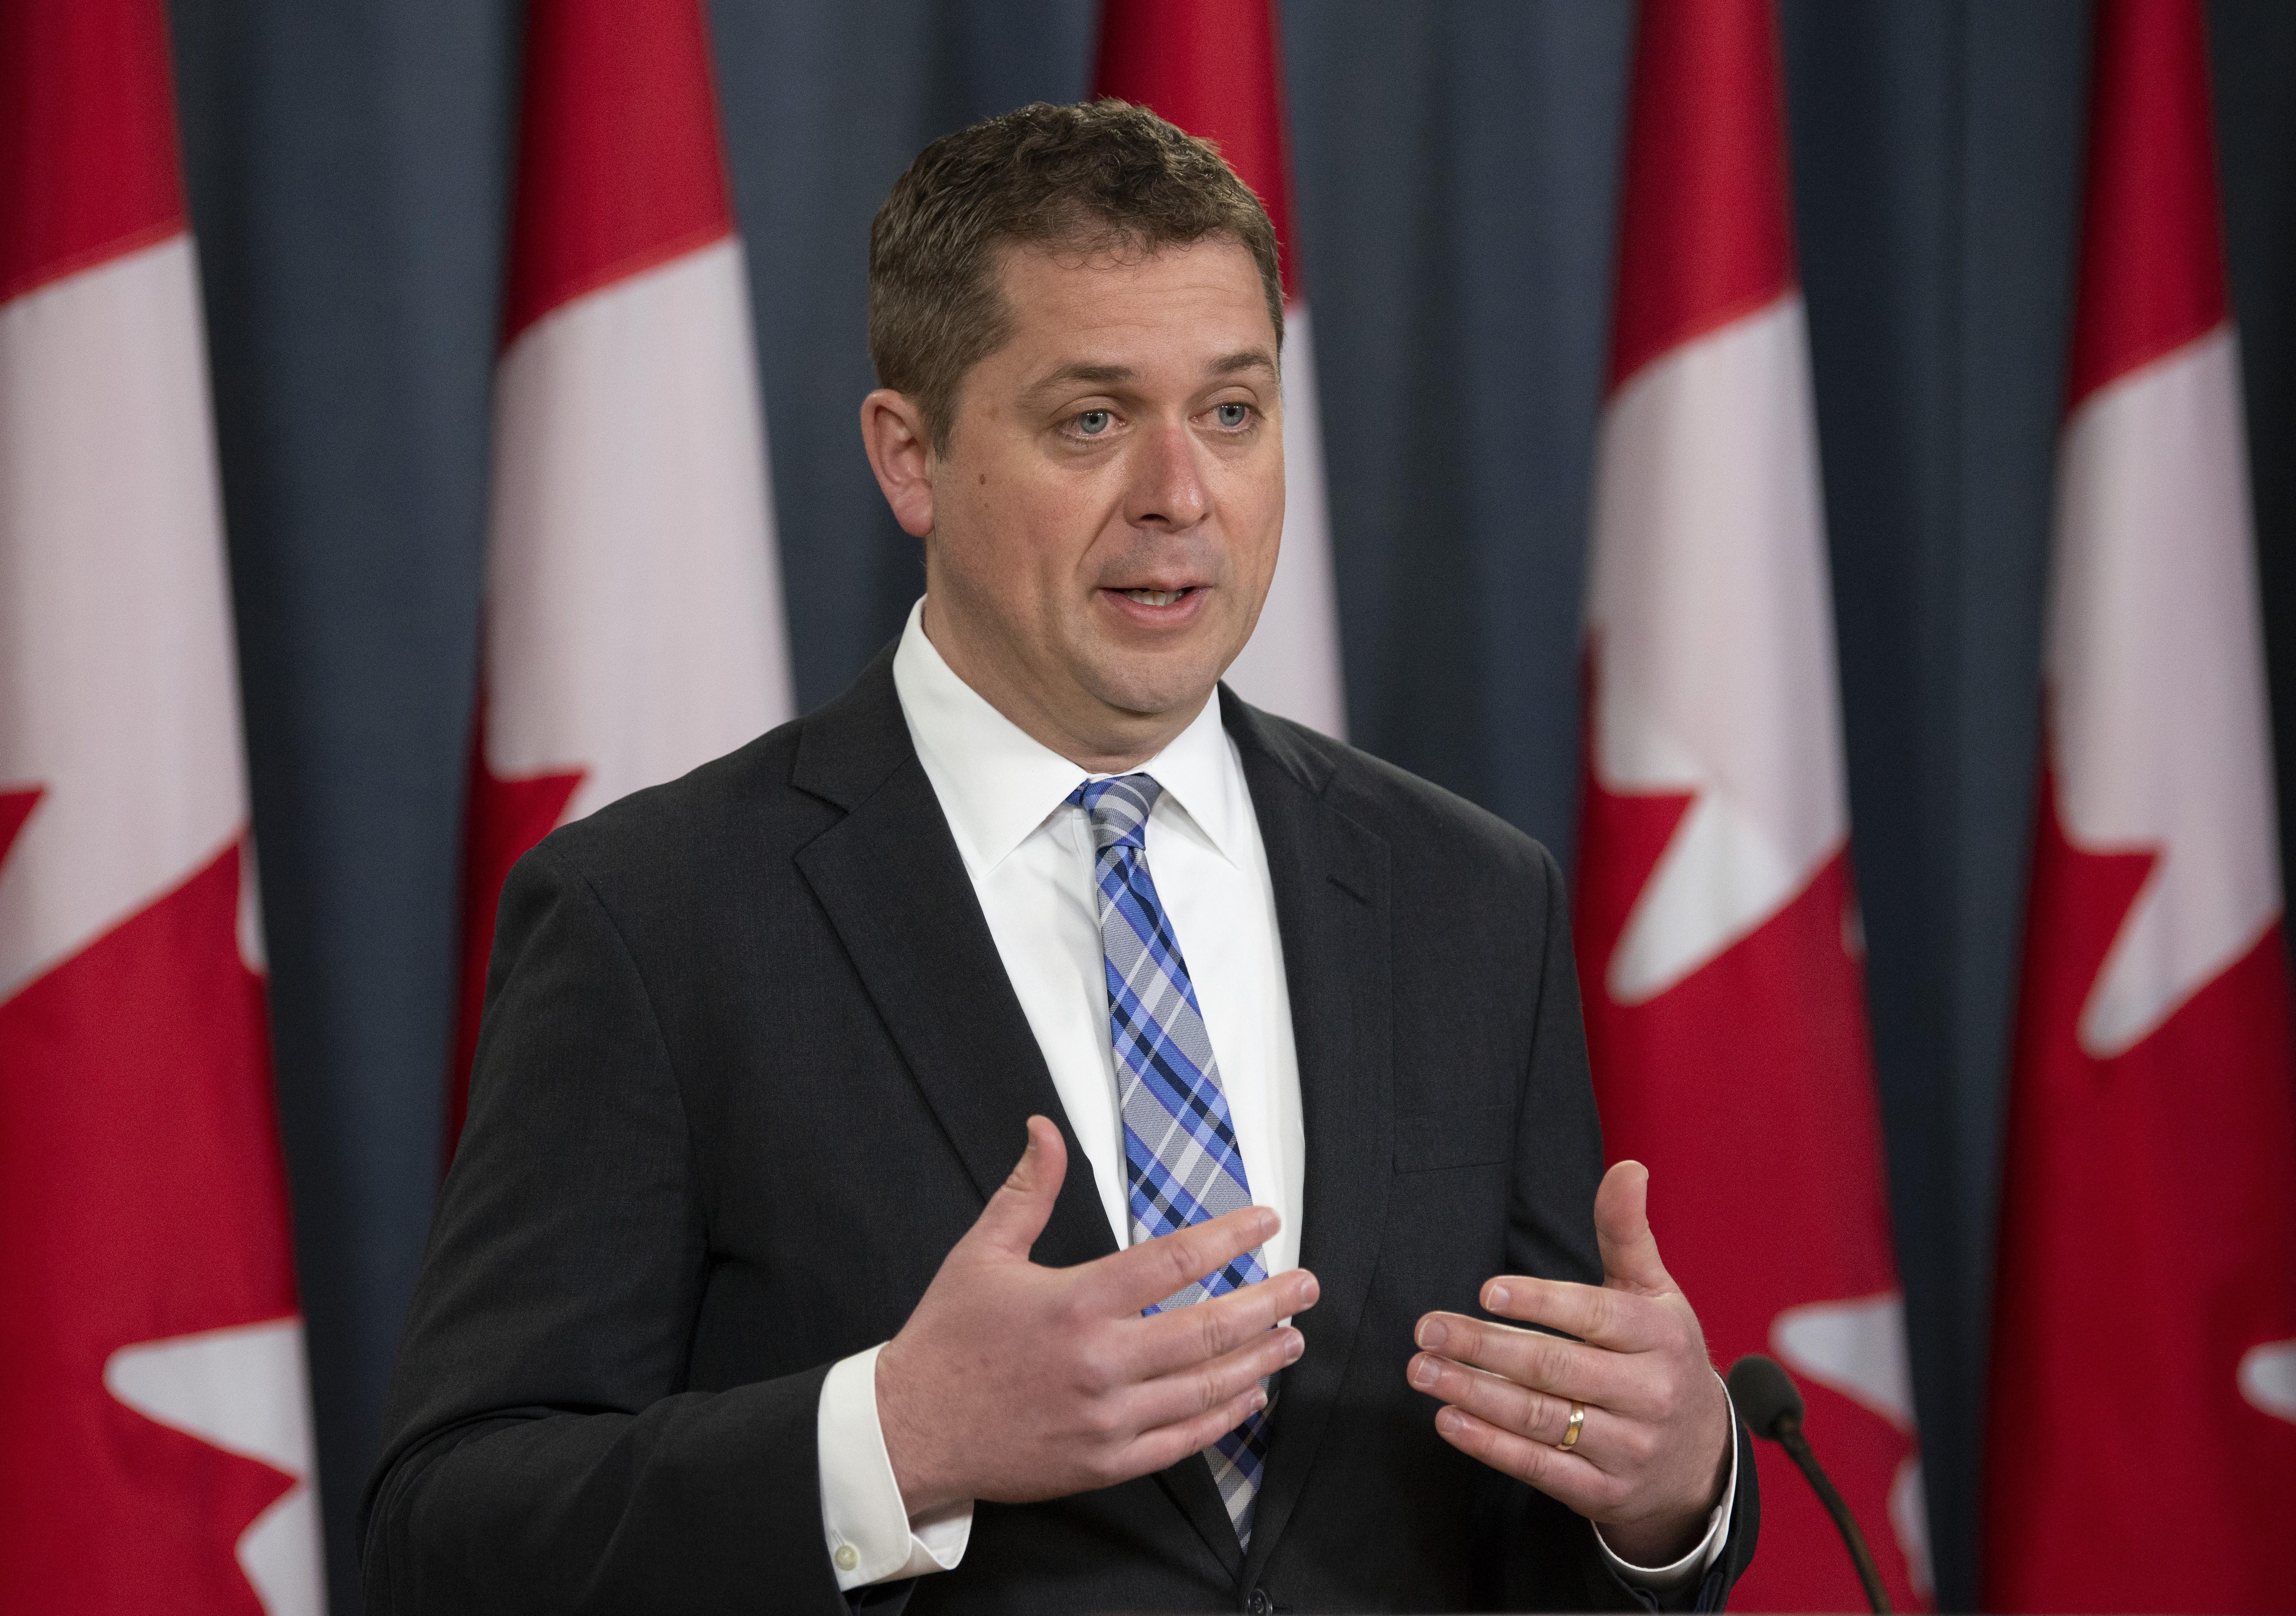 希爾:今秋大選若勝出 加拿大5G將禁華為